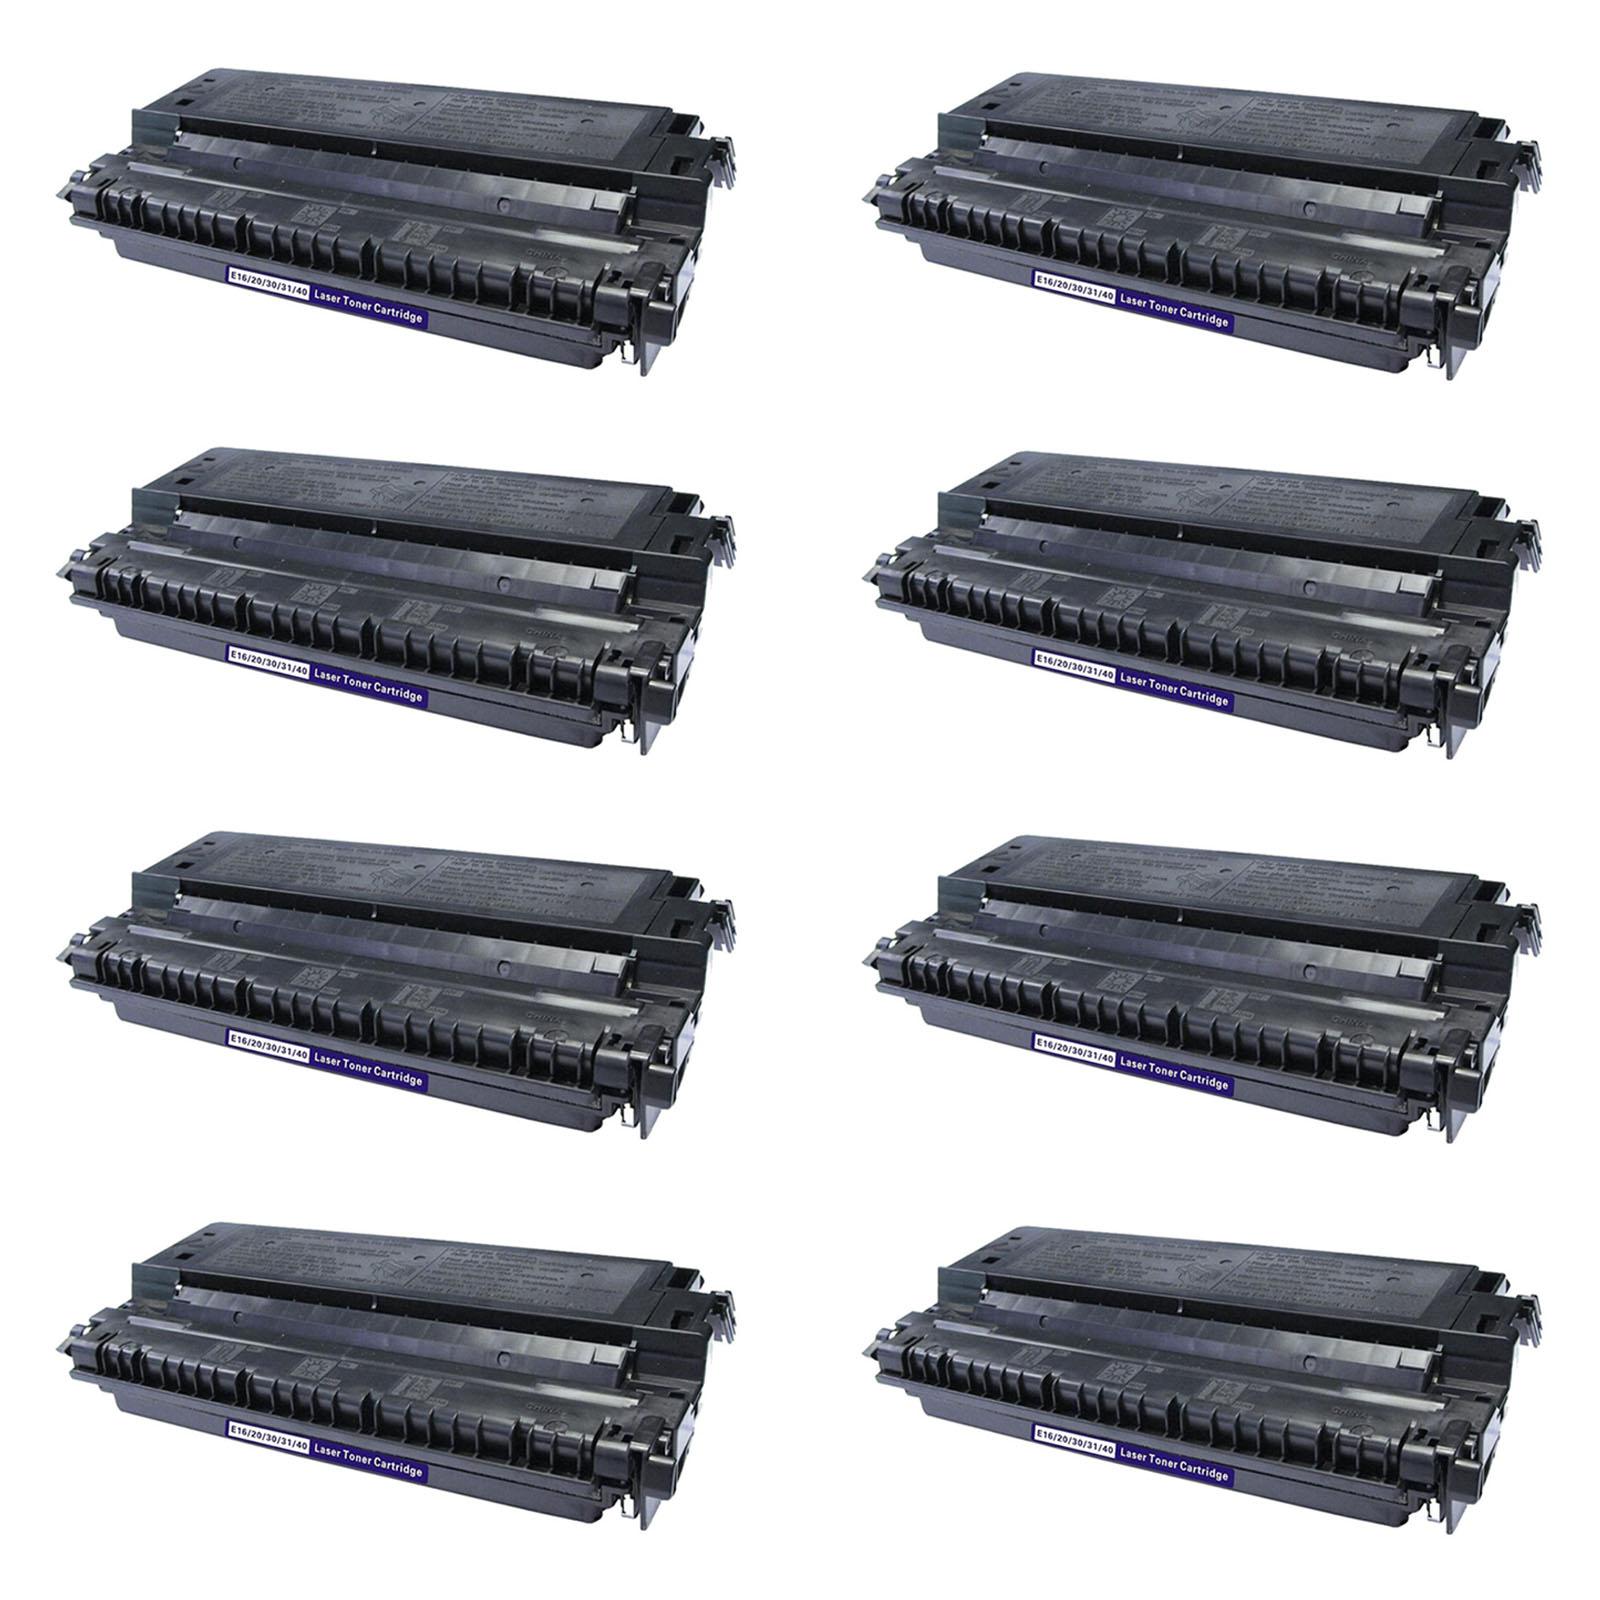 8pk E40 Toner Cartridge For Canon Imageclass Pc 700 710 720 730 735 740 745 750